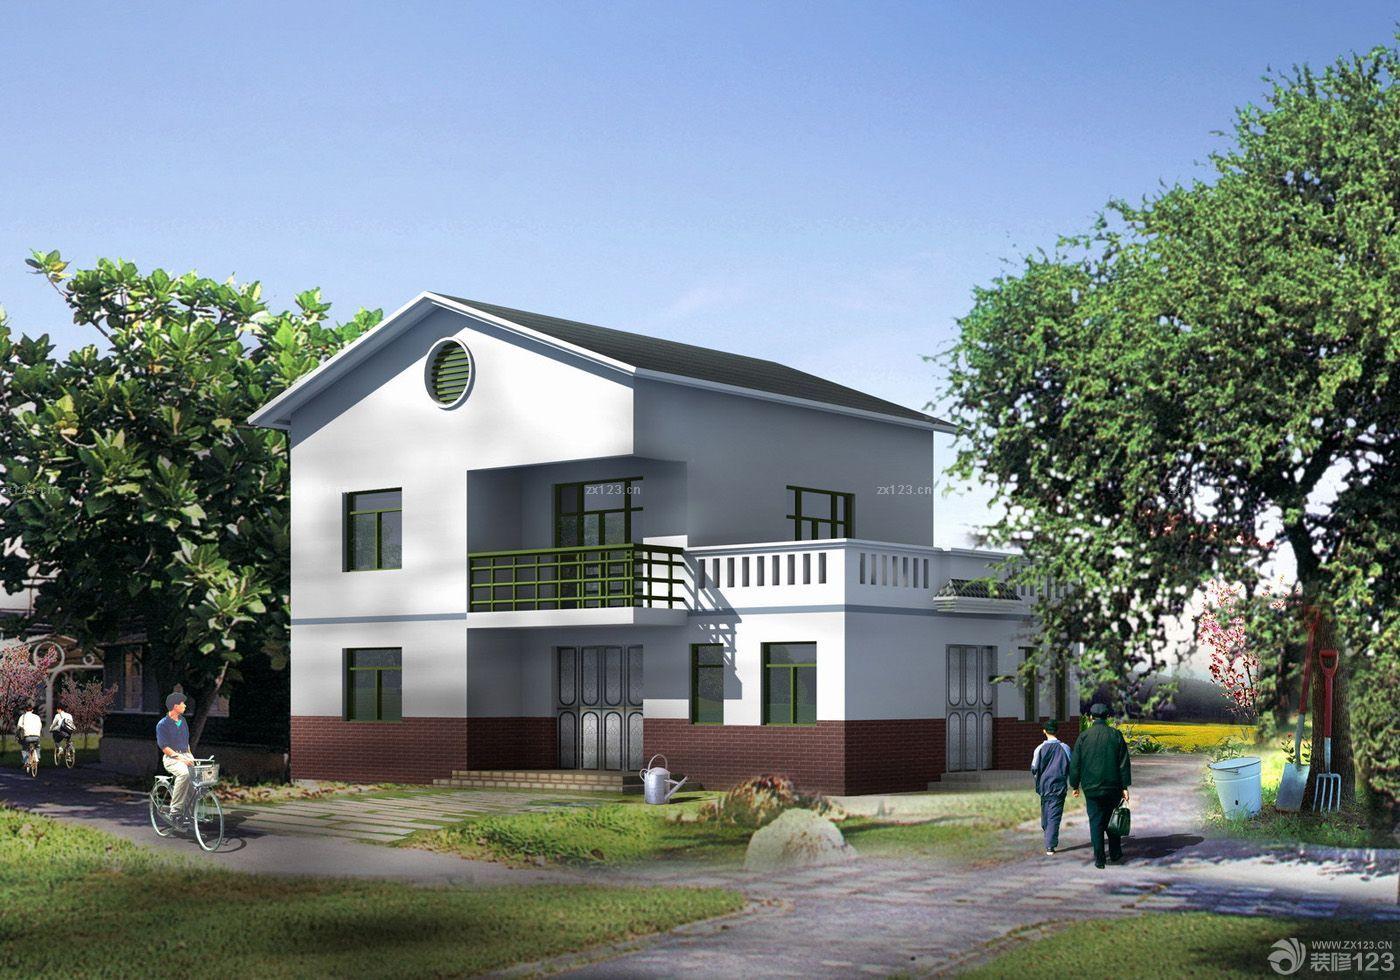 二层新农村房屋设计图